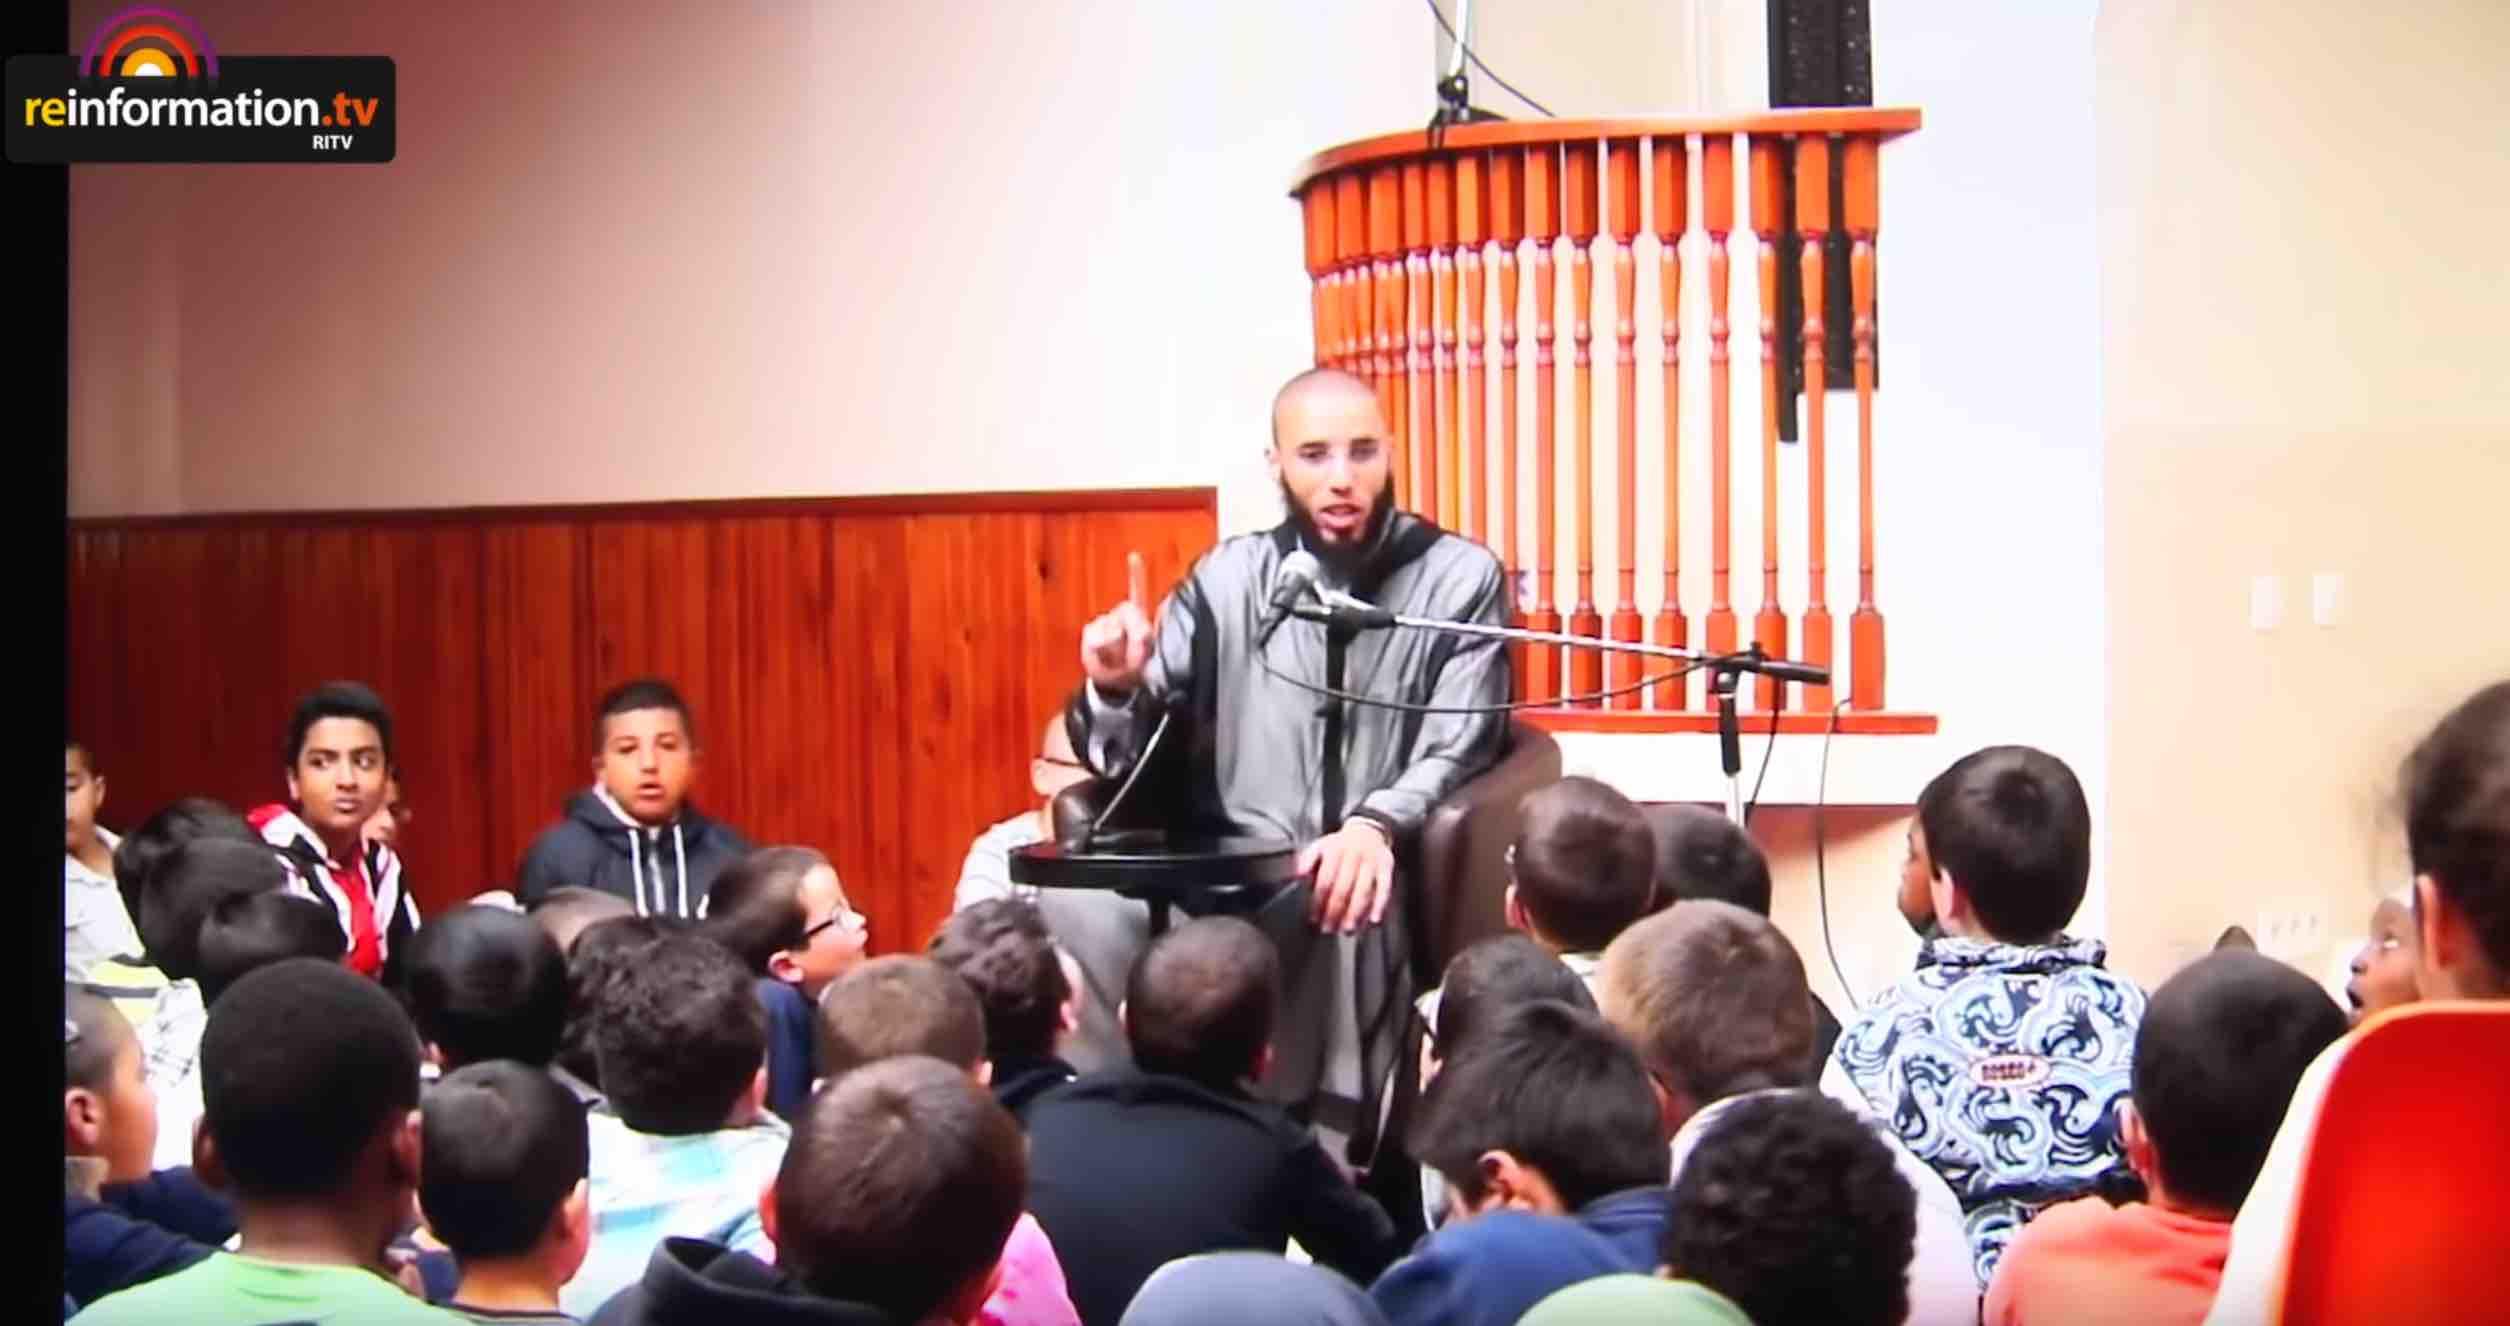 Brest. Reinformation.tv enquête sur l'entourage de la mosquée Sunna de Brest [video]